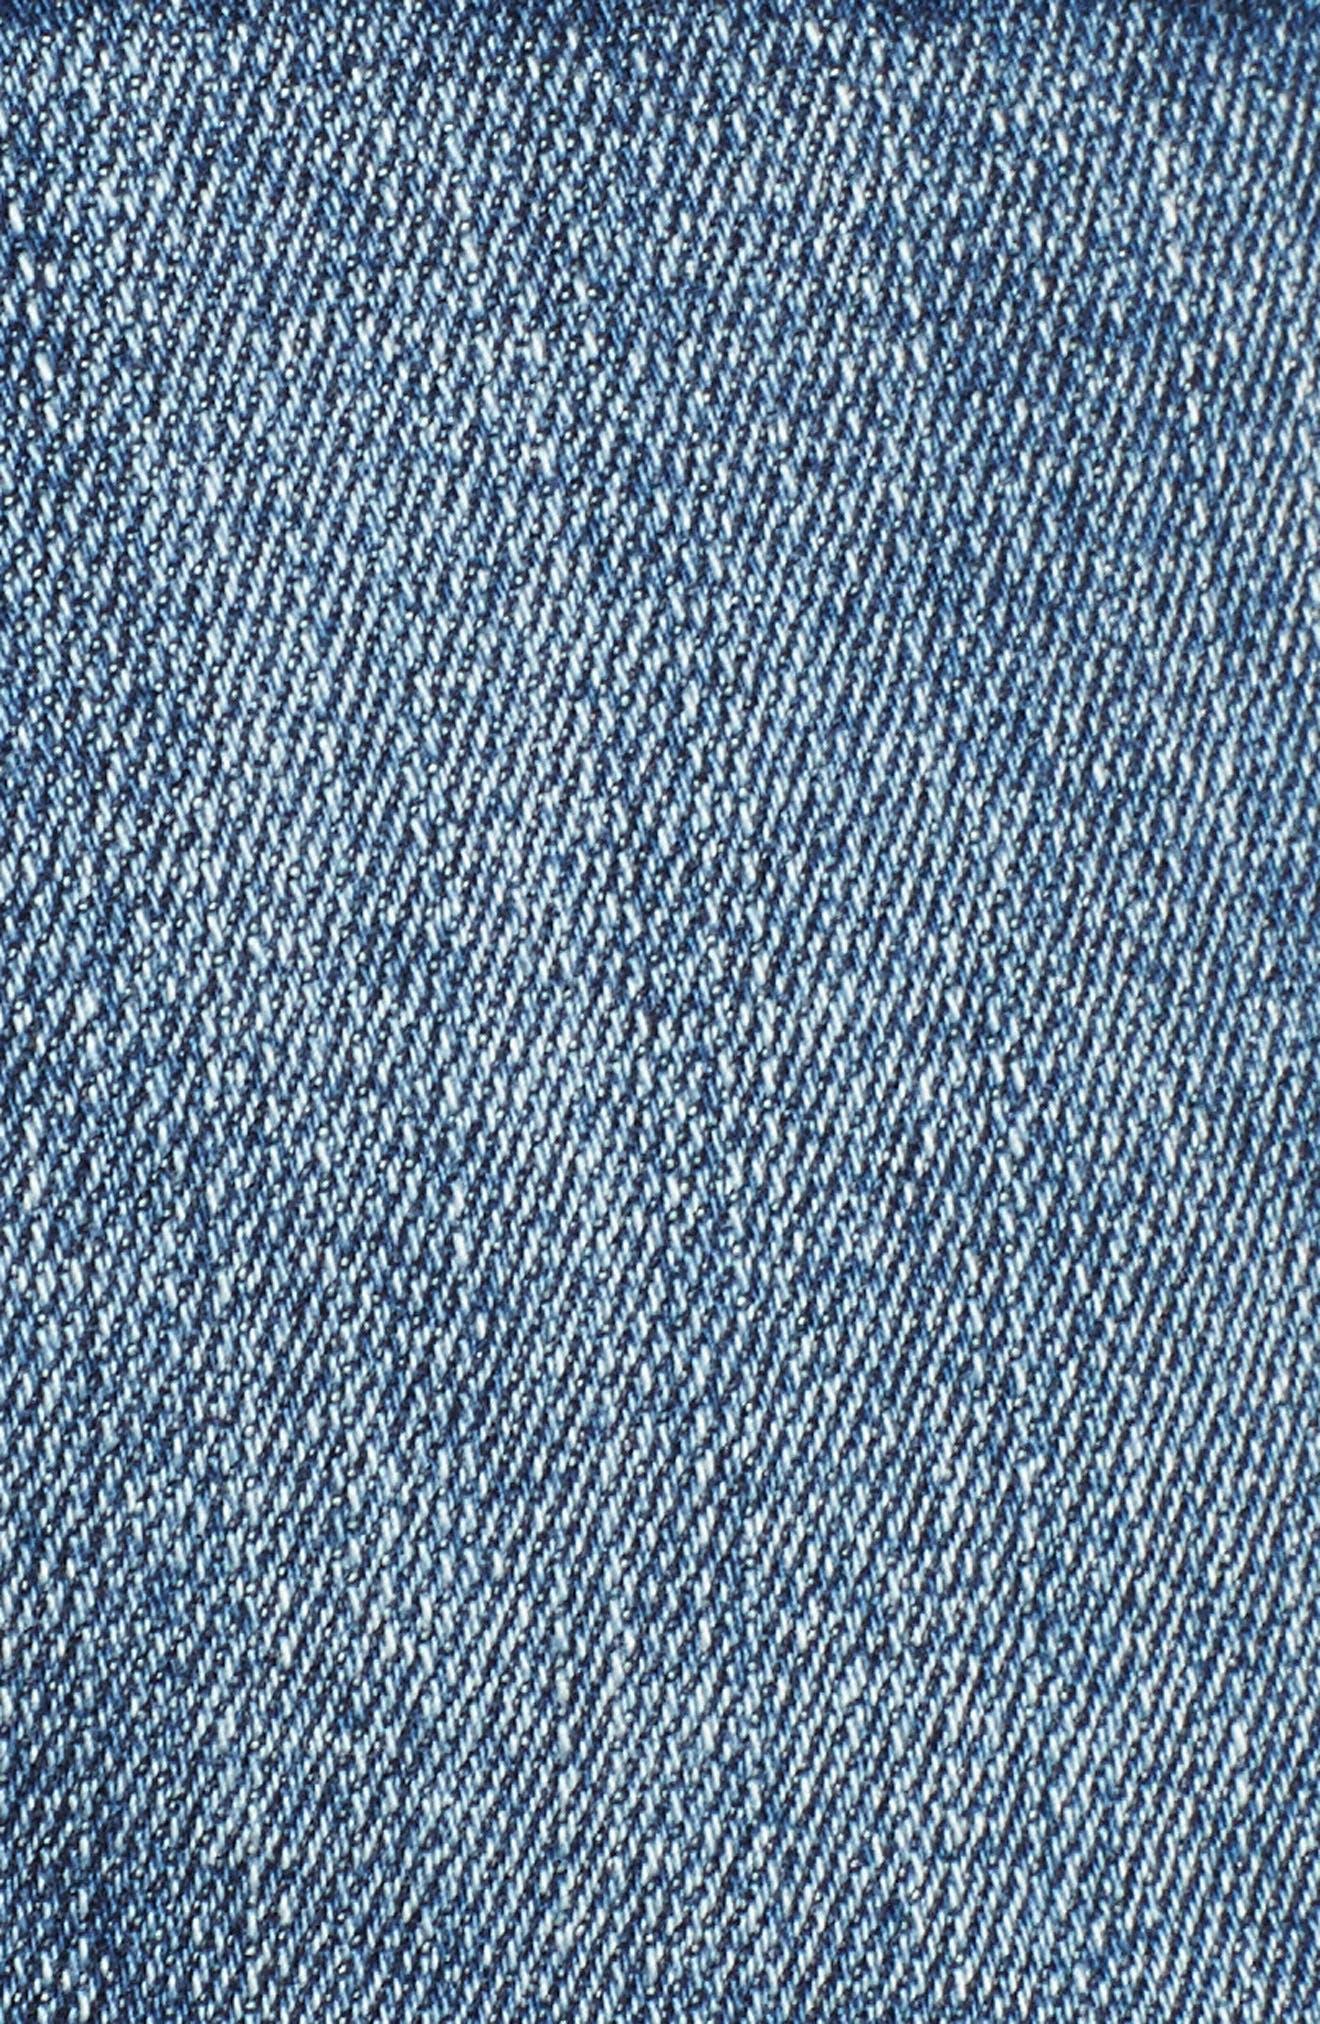 Fray Hem Star Print Denim Shorts,                             Alternate thumbnail 6, color,